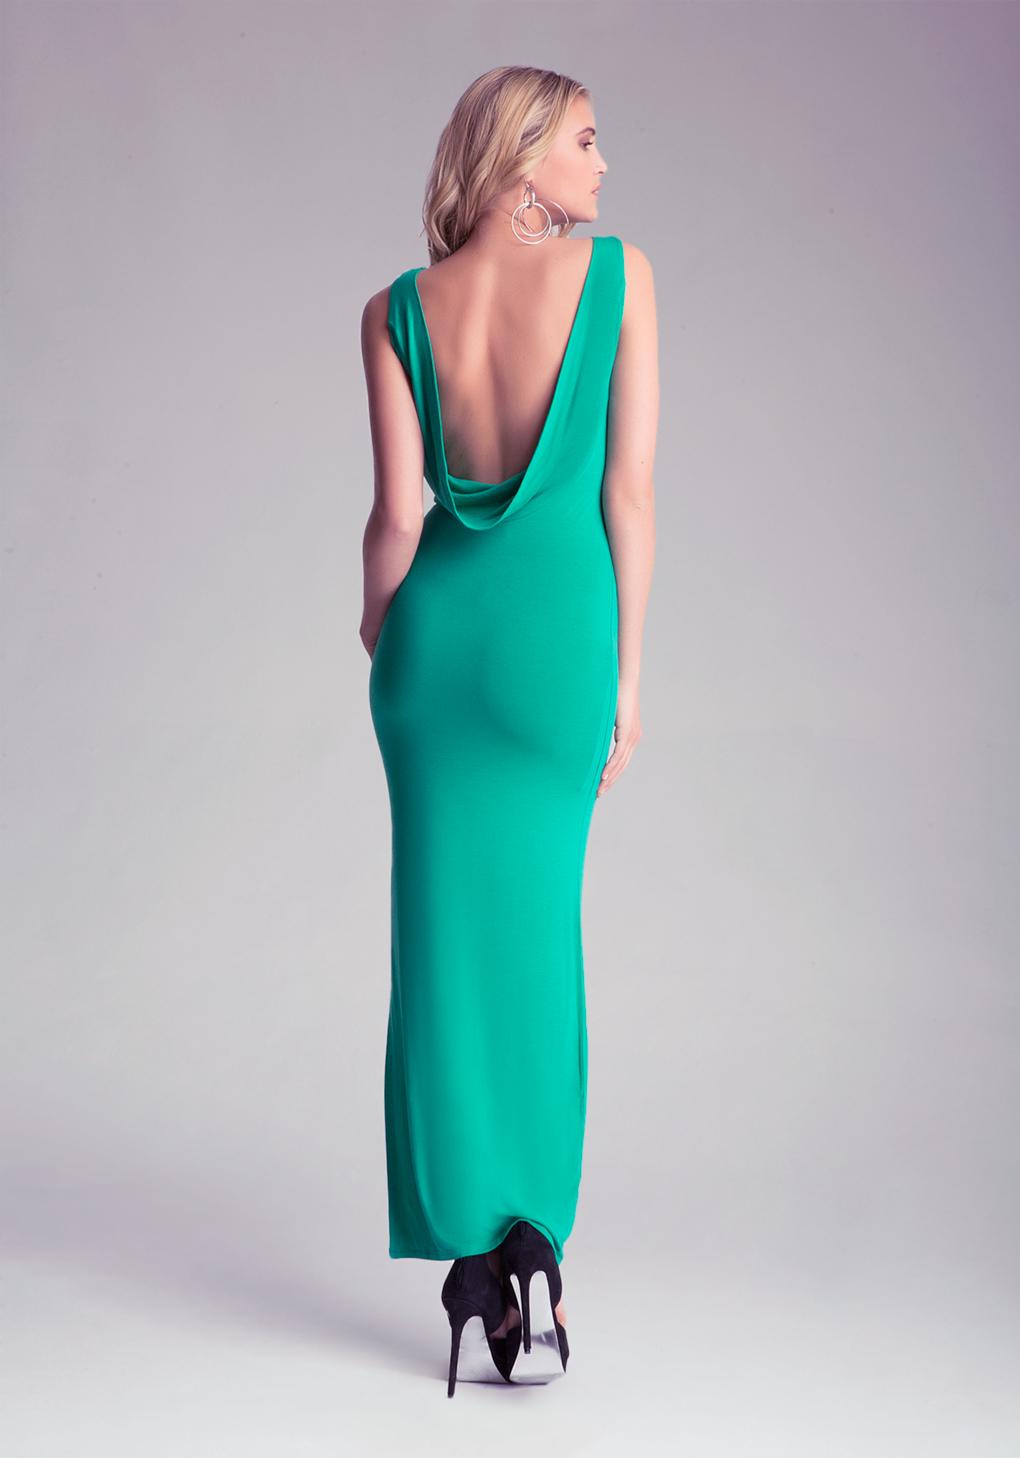 Lyst - Bebe Open Cowl Back Maxi Dress in Green